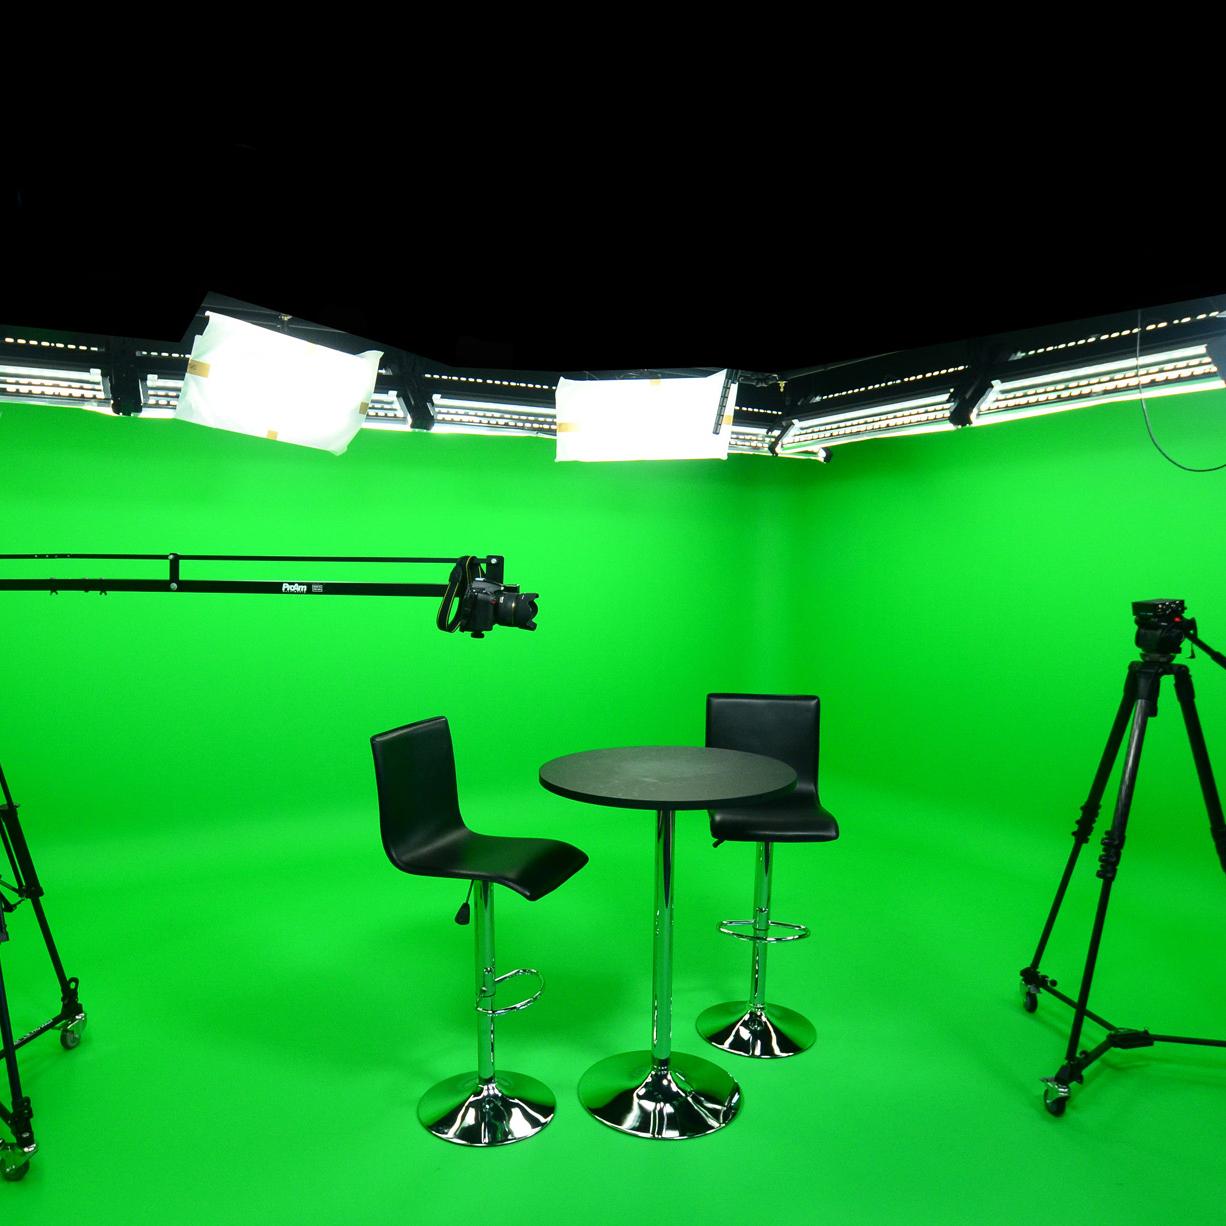 Интернет-магазины, студии для съемки видео отношение